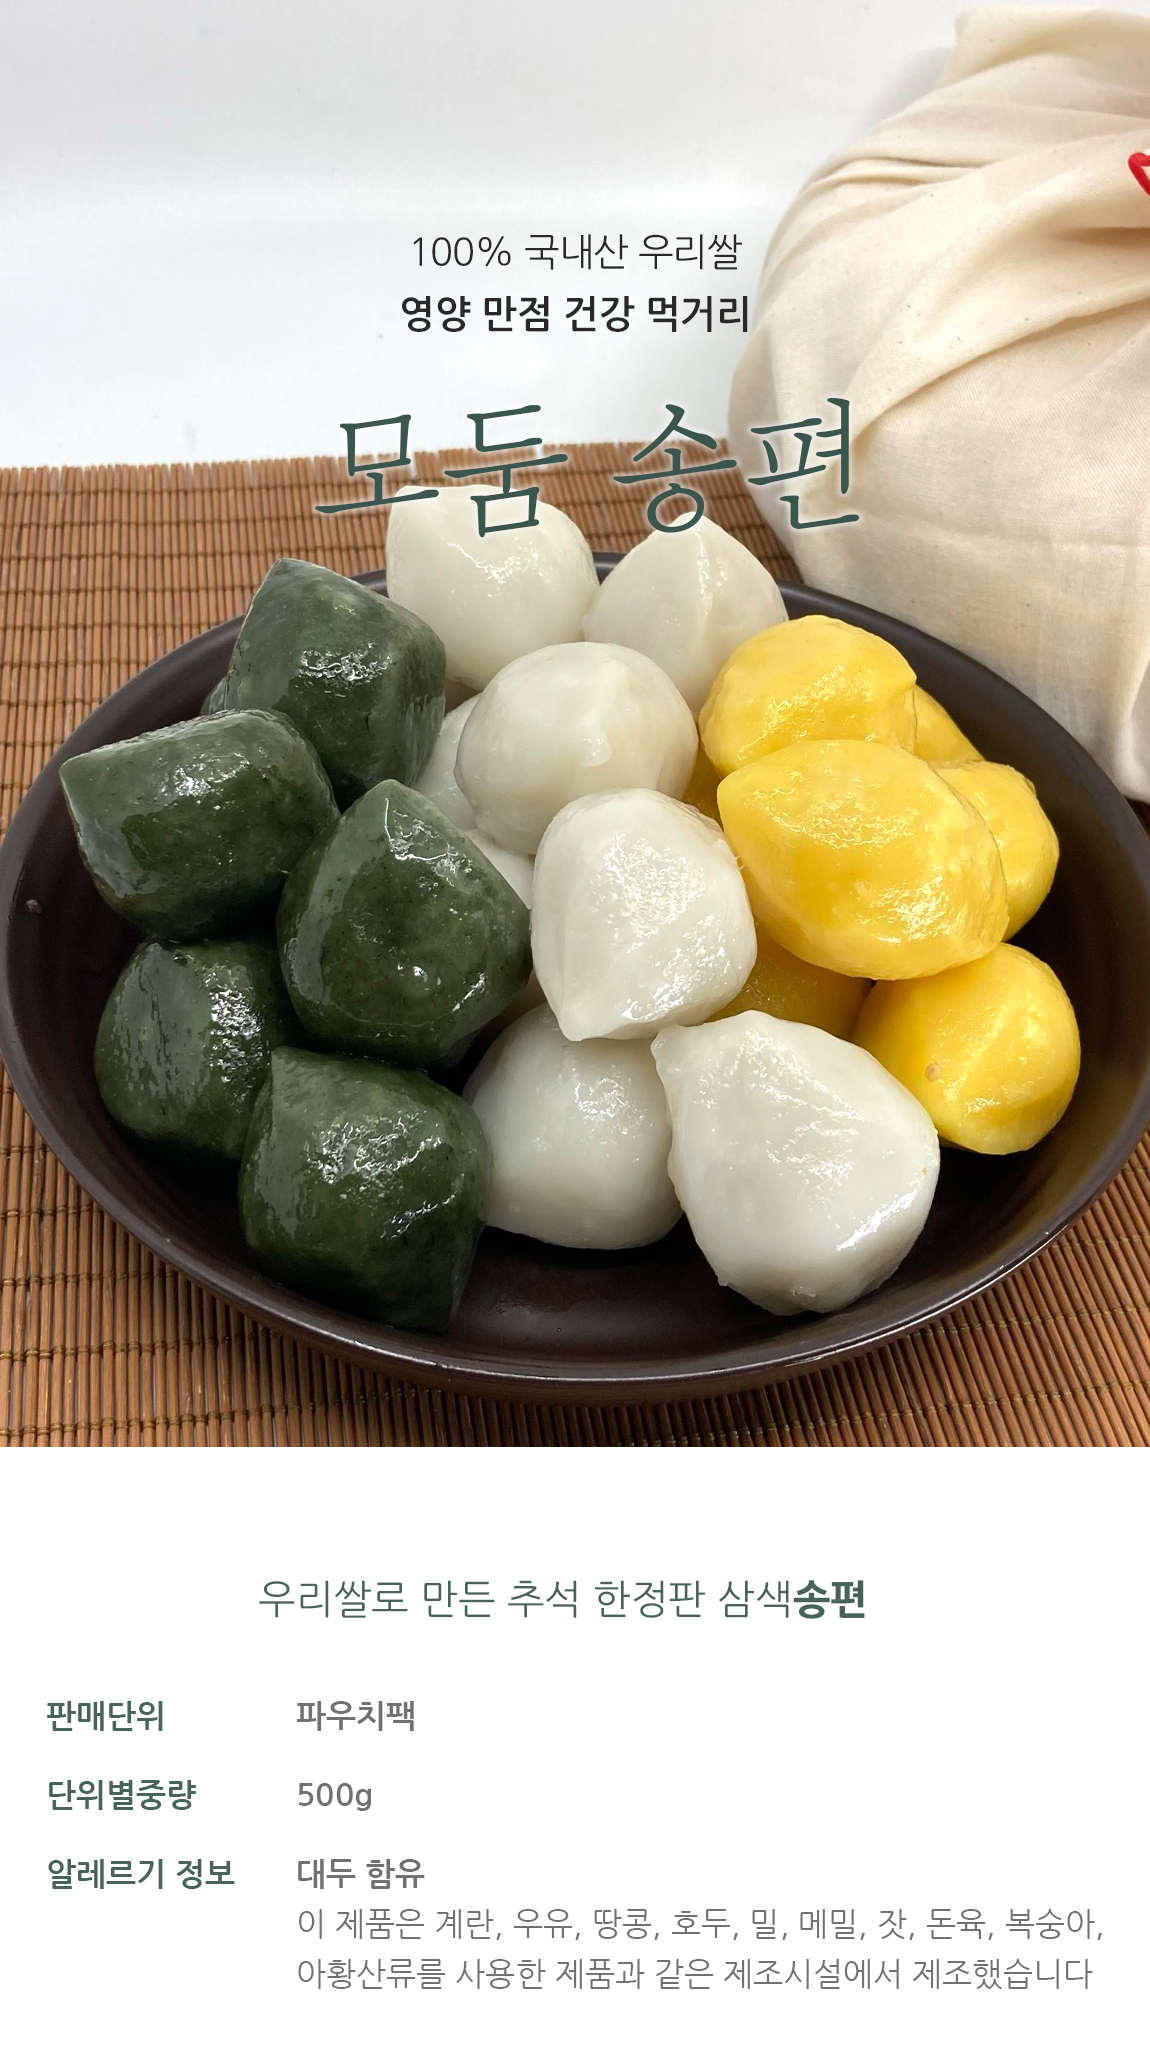 韓國食品-[Mauminga] Assorted Korean Tteok Songpyeon 500g